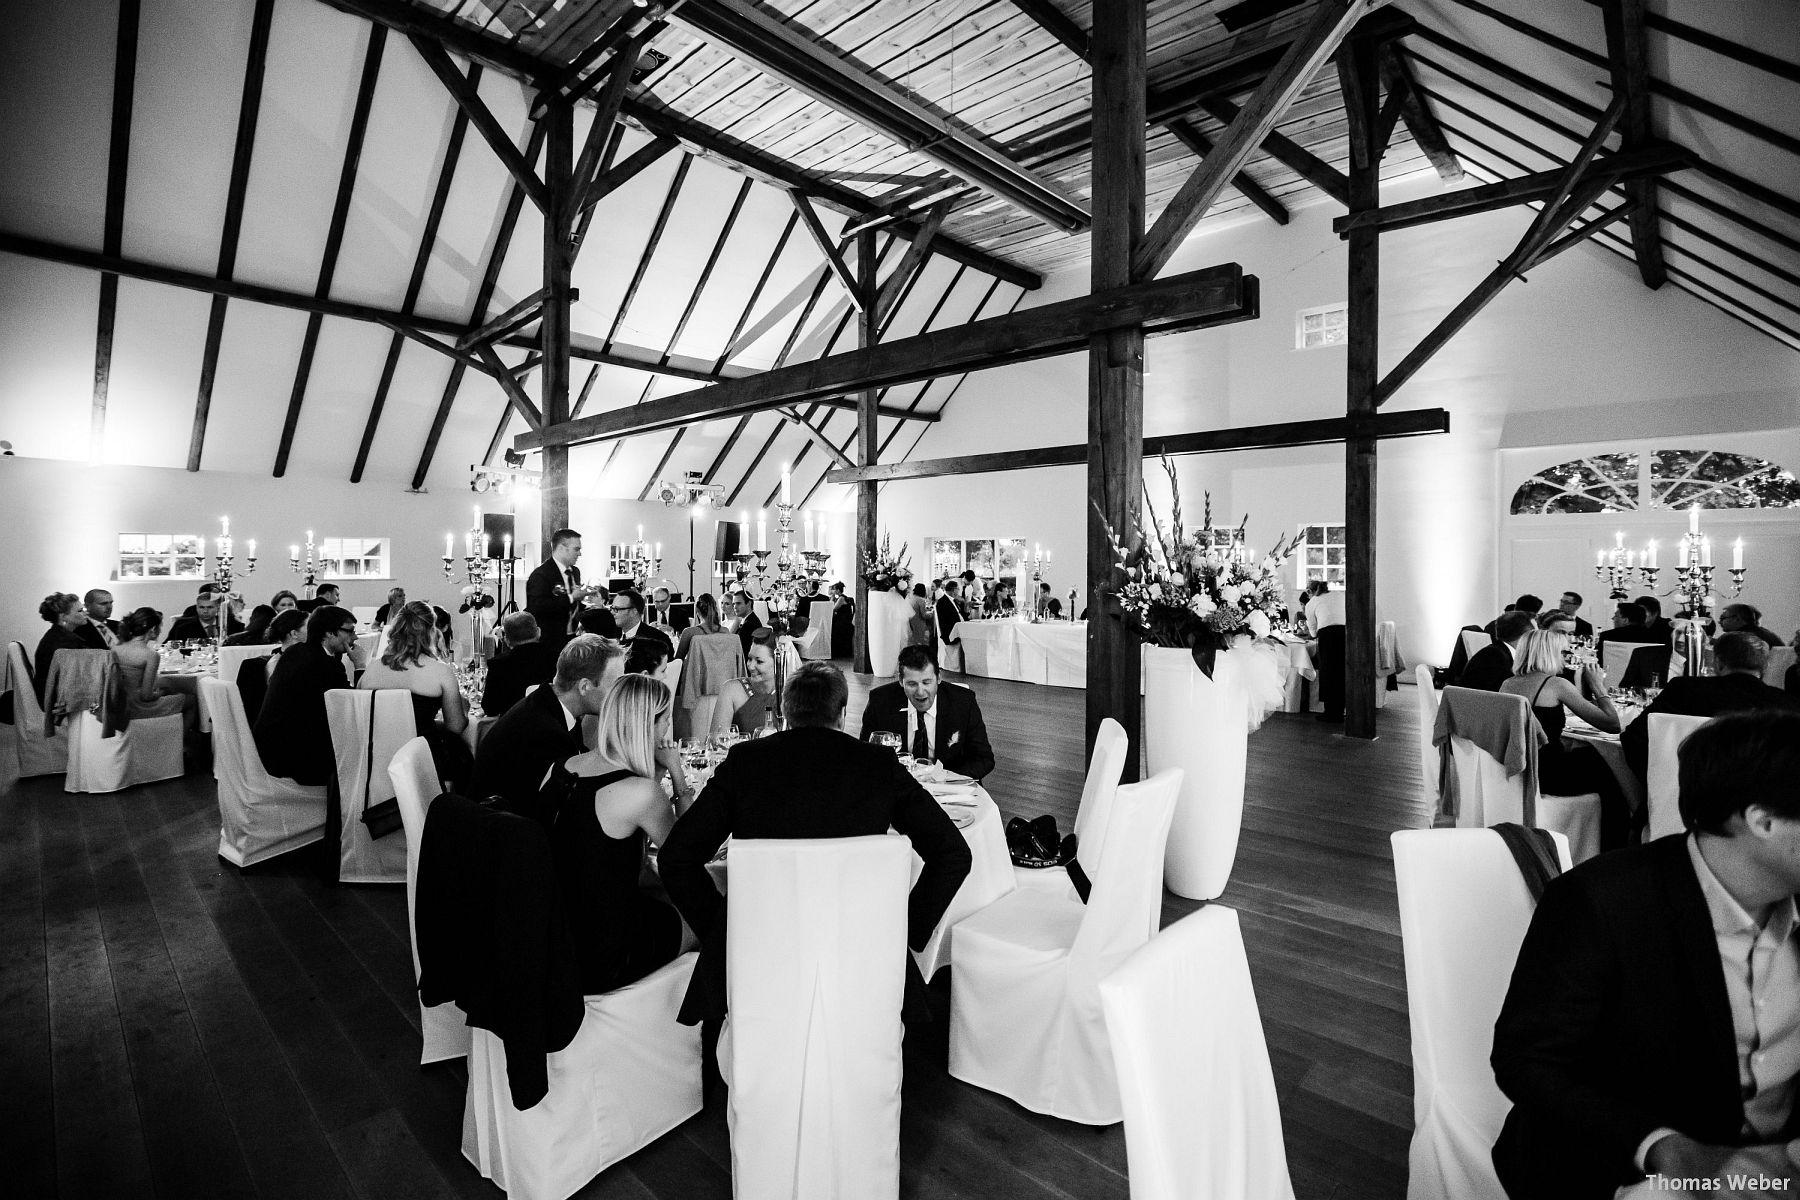 Hochzeitsfotograf Rastede: Kirchliche Trauung in der St. Ulrichs Kirche Rastede und Hochzeitsfeier in der Eventscheune St Georg Rastede mit dem Catering von Michael Niebuhr aus Oldenburg (47)